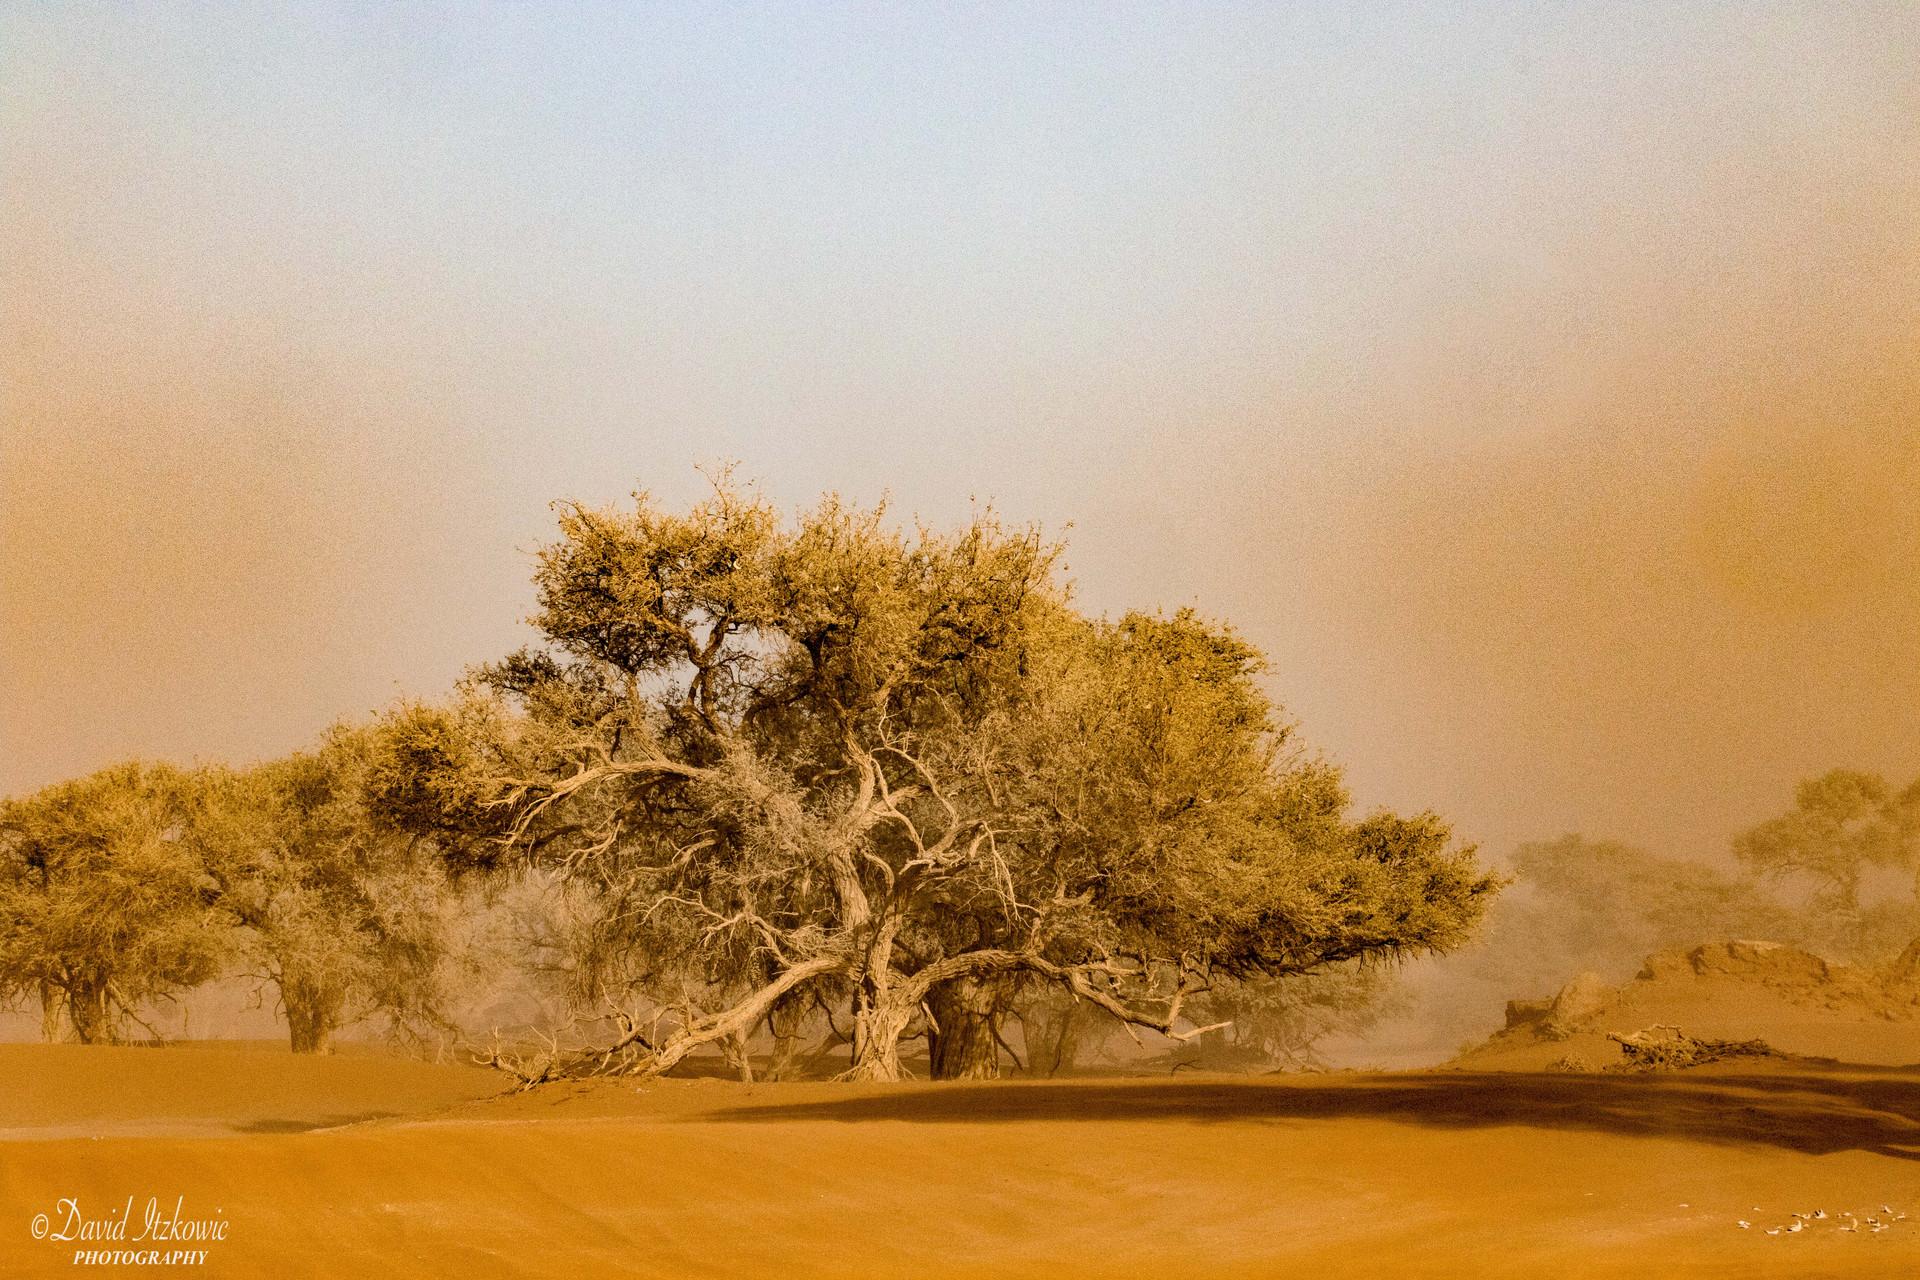 tree in sandstorm 1